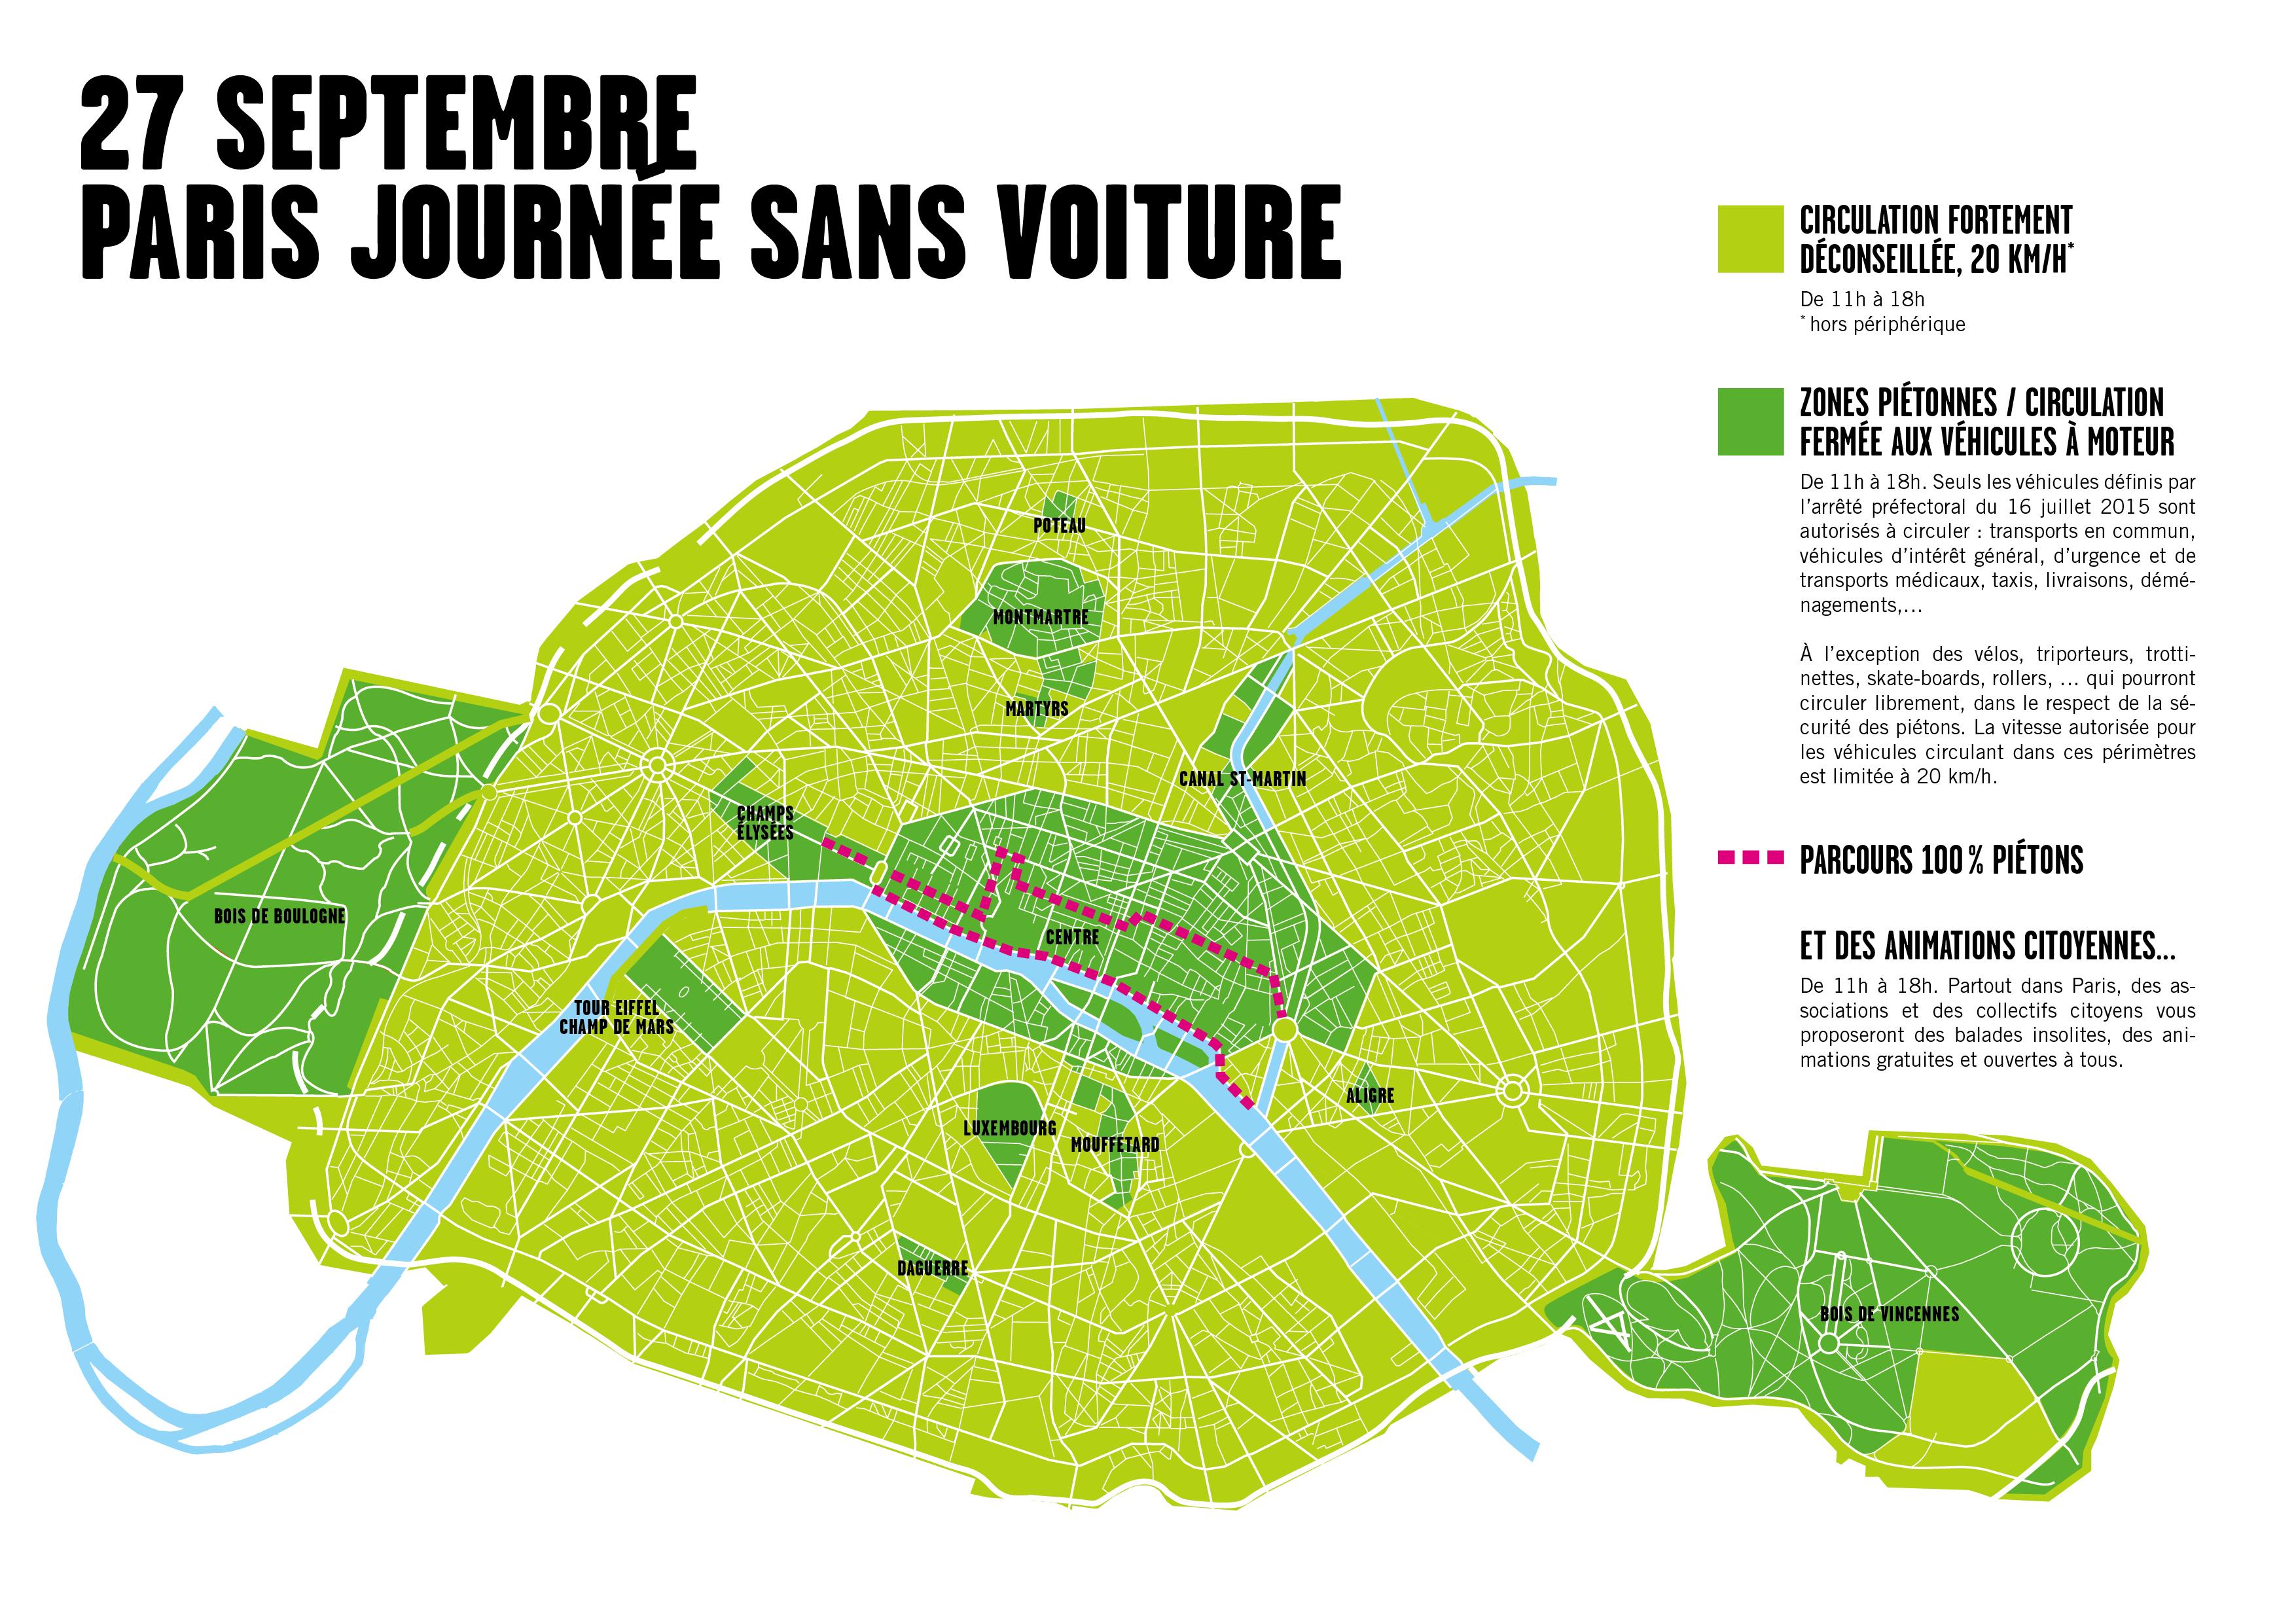 paris-27-septembre-sans-voiture